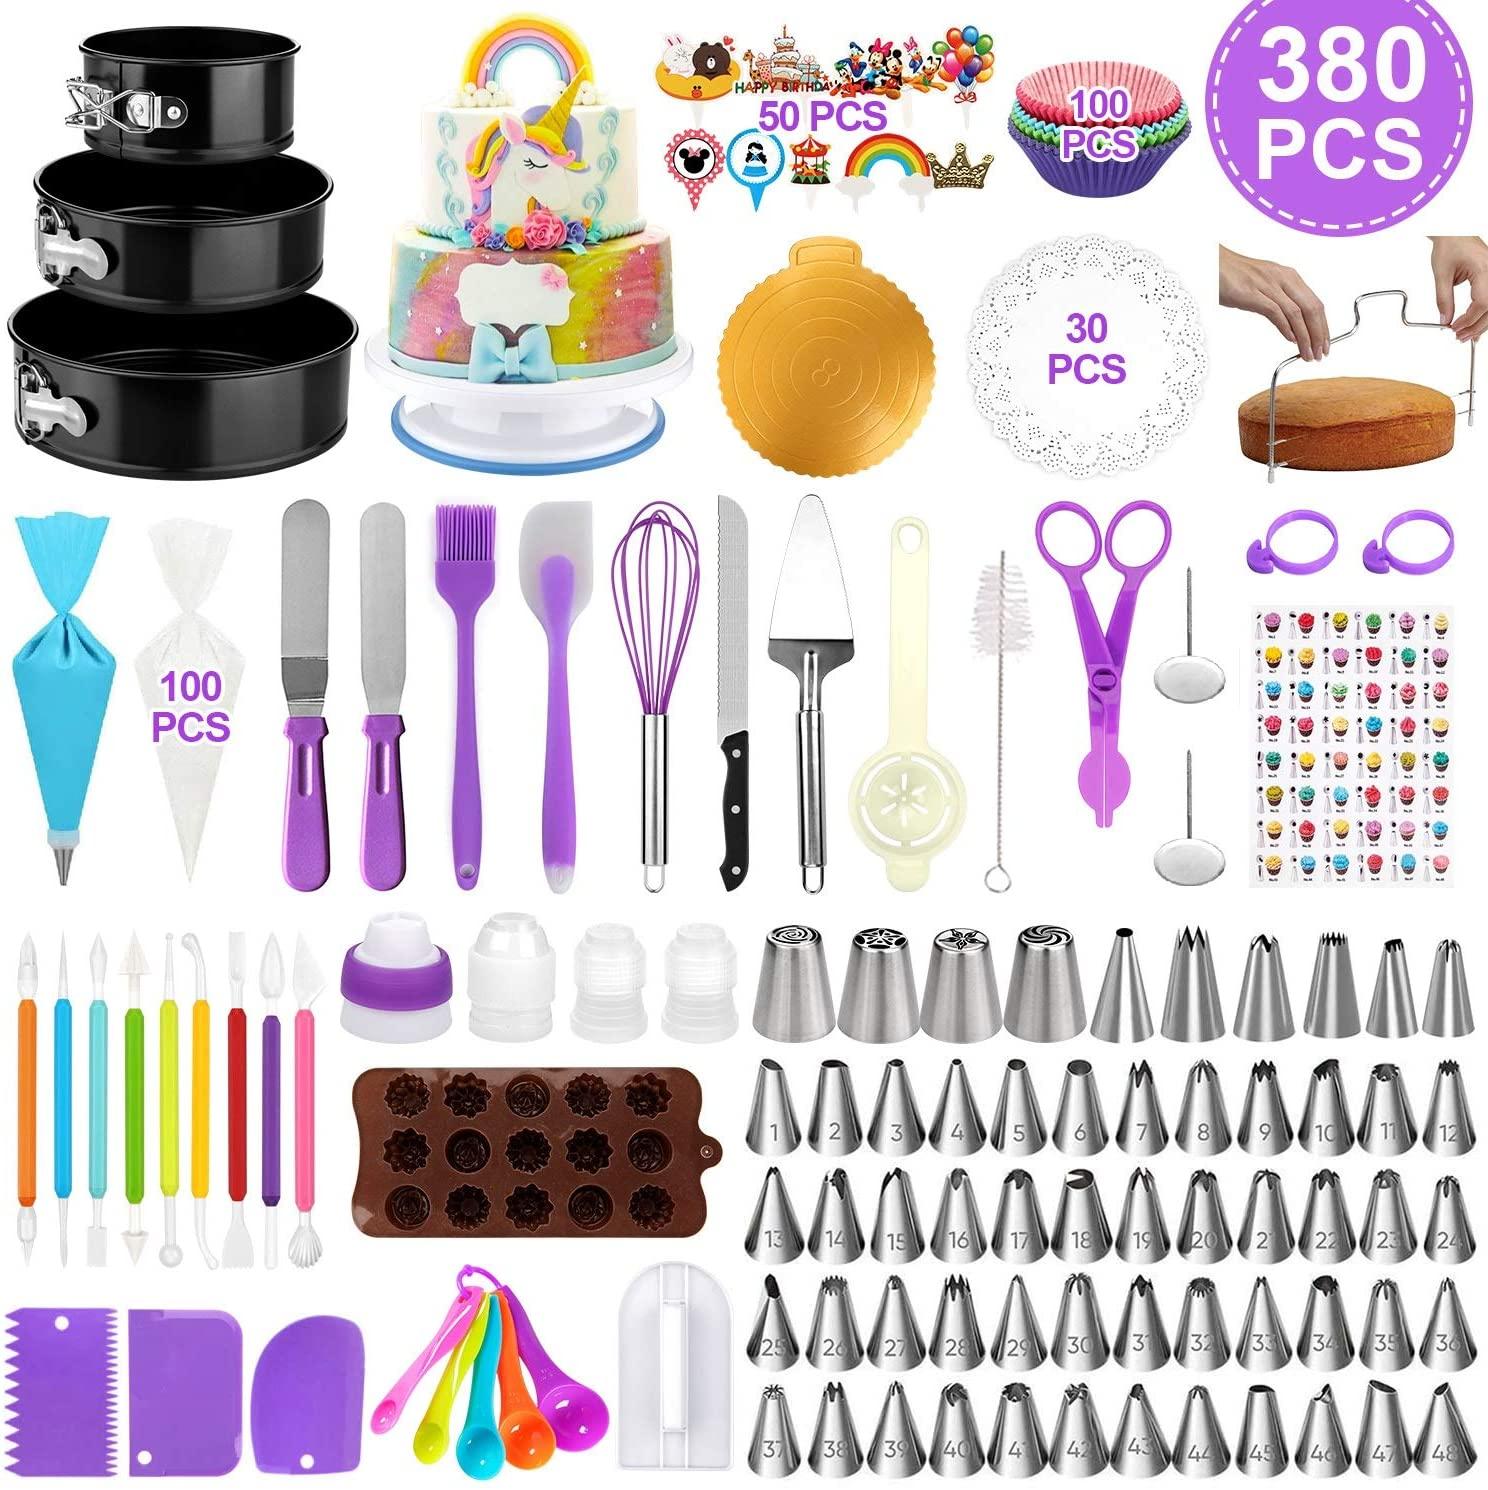 केक सजा उपकरण उच्च गुणवत्ता 380 pcs केक सजा आपूर्ति किट 12 इंच टर्नटेबल खड़े हो जाओ